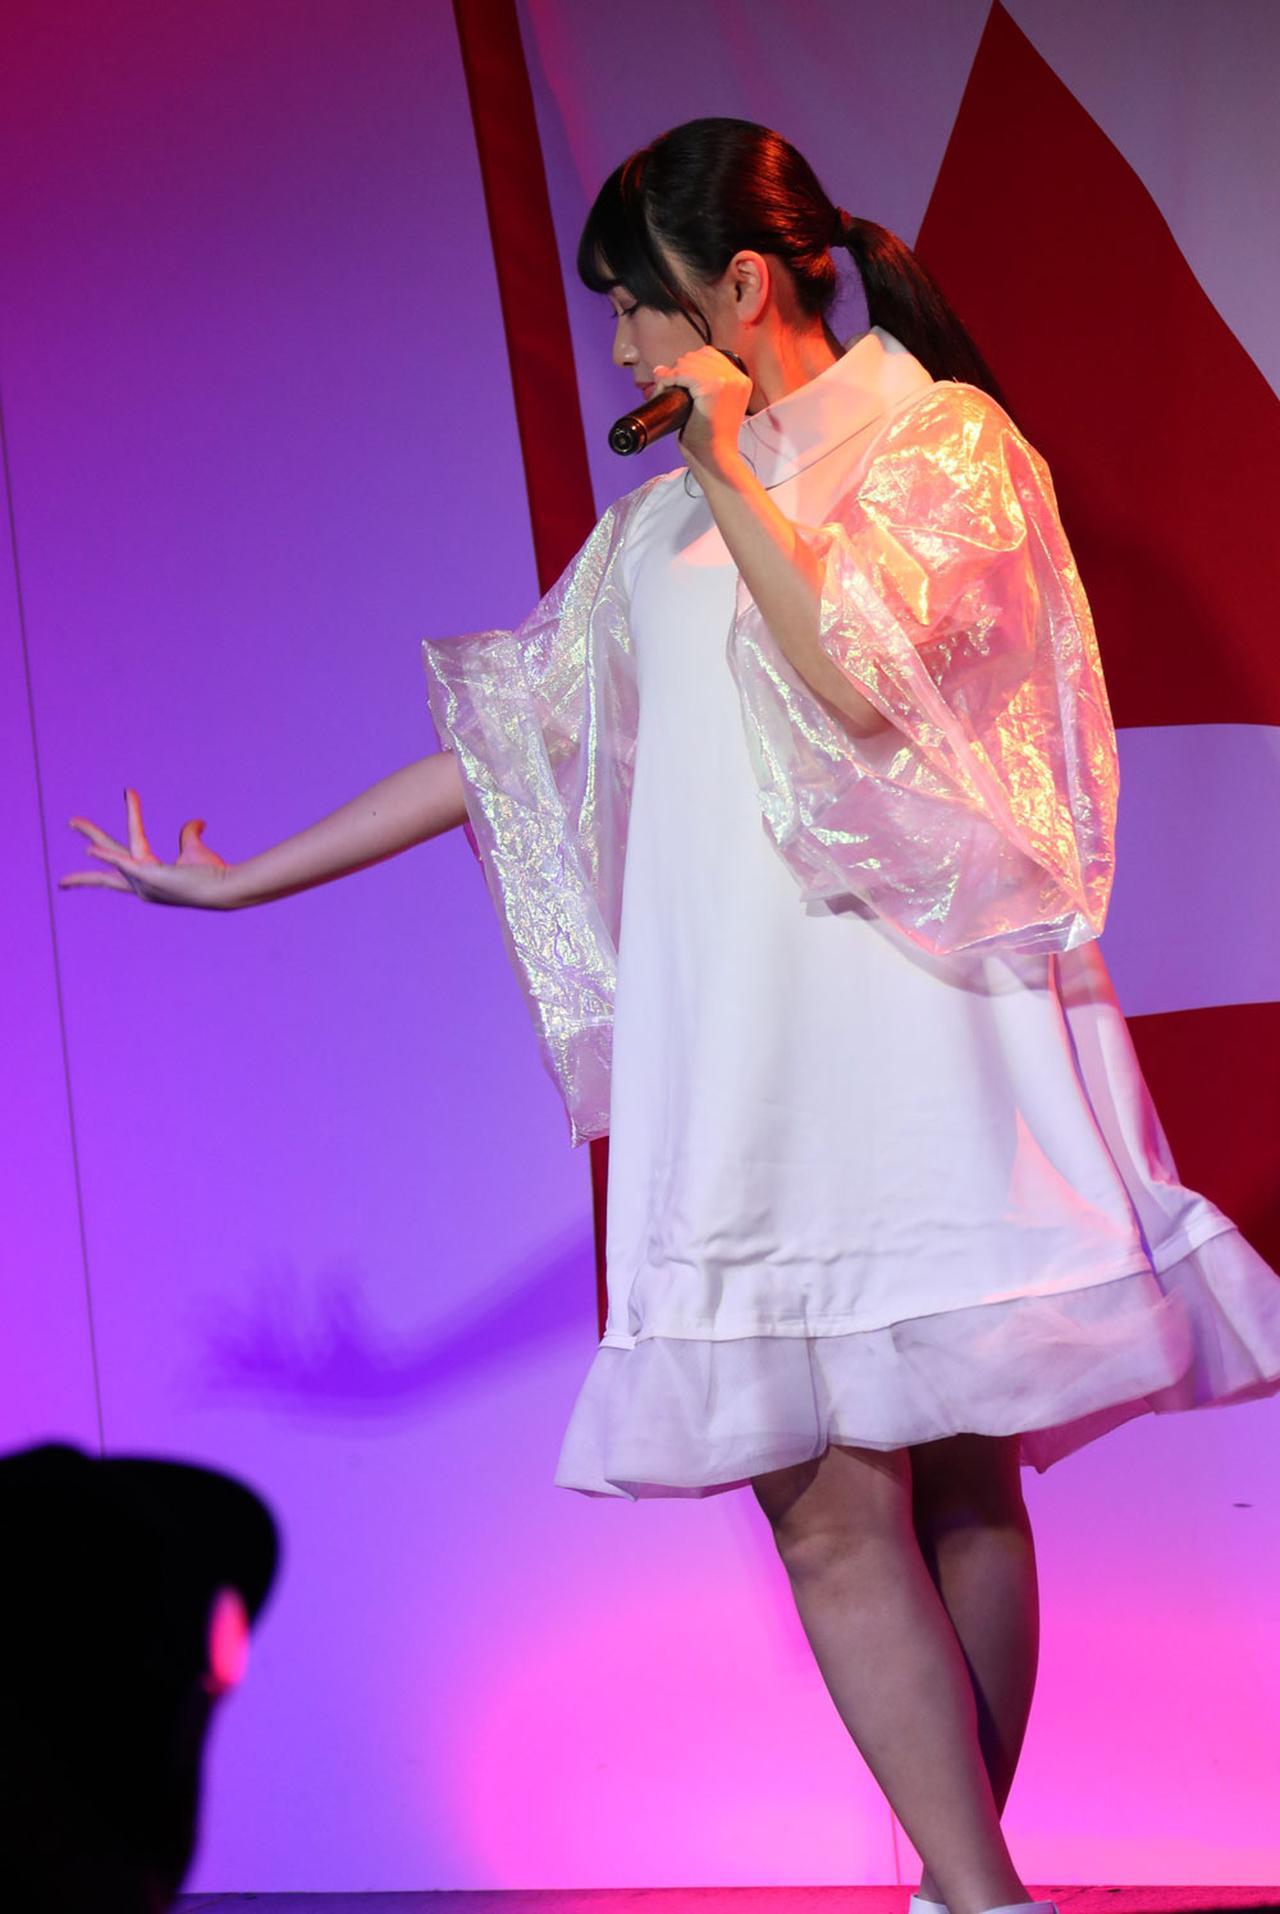 Images : 4番目の画像 - 「ミライスカート/ミライスカートバンドライブの盛況を受け、さらに充実した歌声とパフォーマンスで、東京定期を盛り上げた」のアルバム - Stereo Sound ONLINE